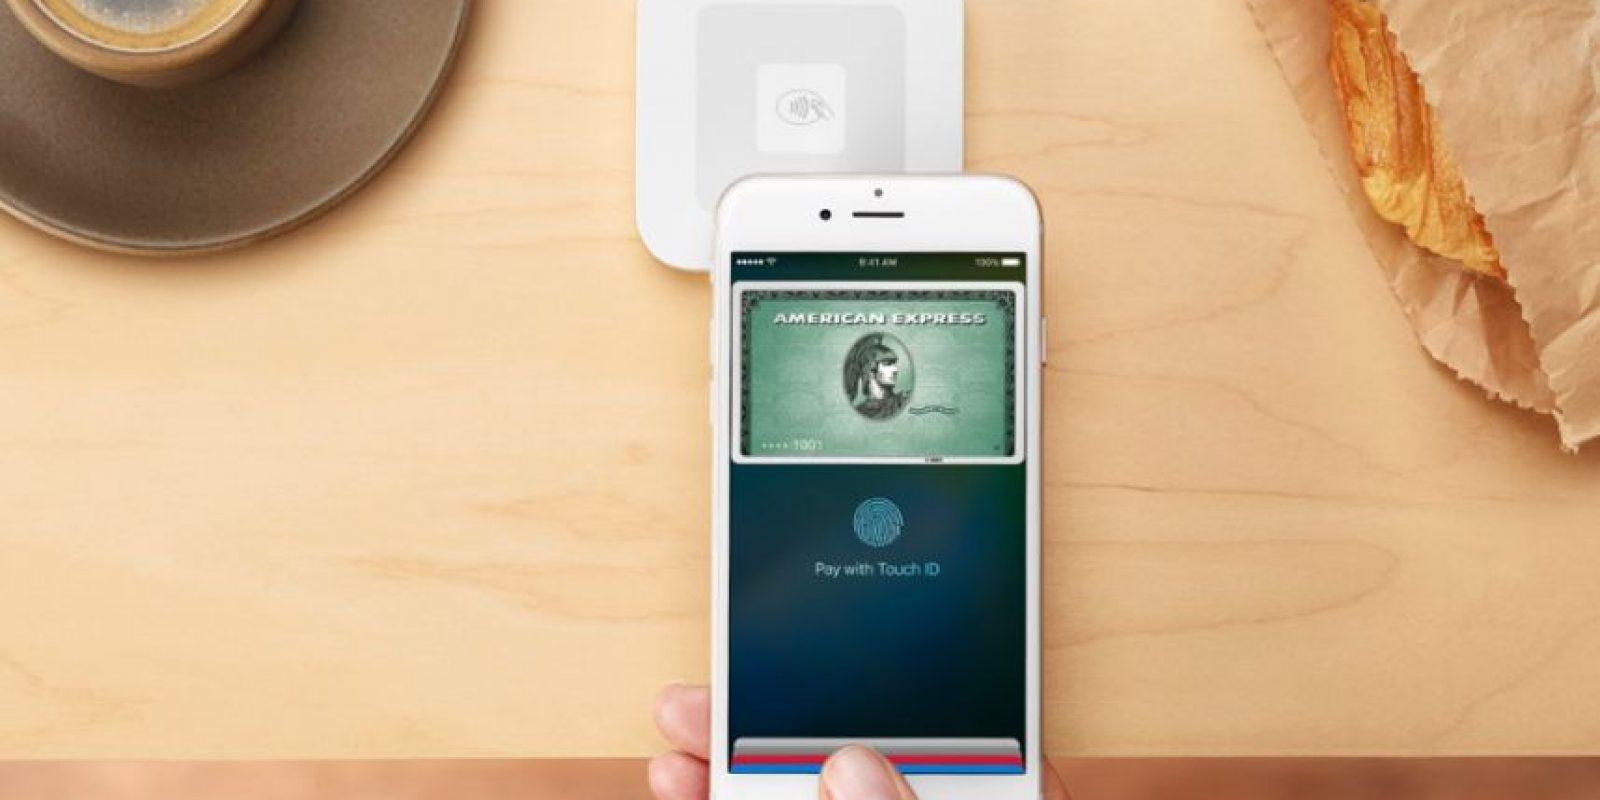 Podrán utilizar el método biomédico para realizar la transacción Foto:Apple